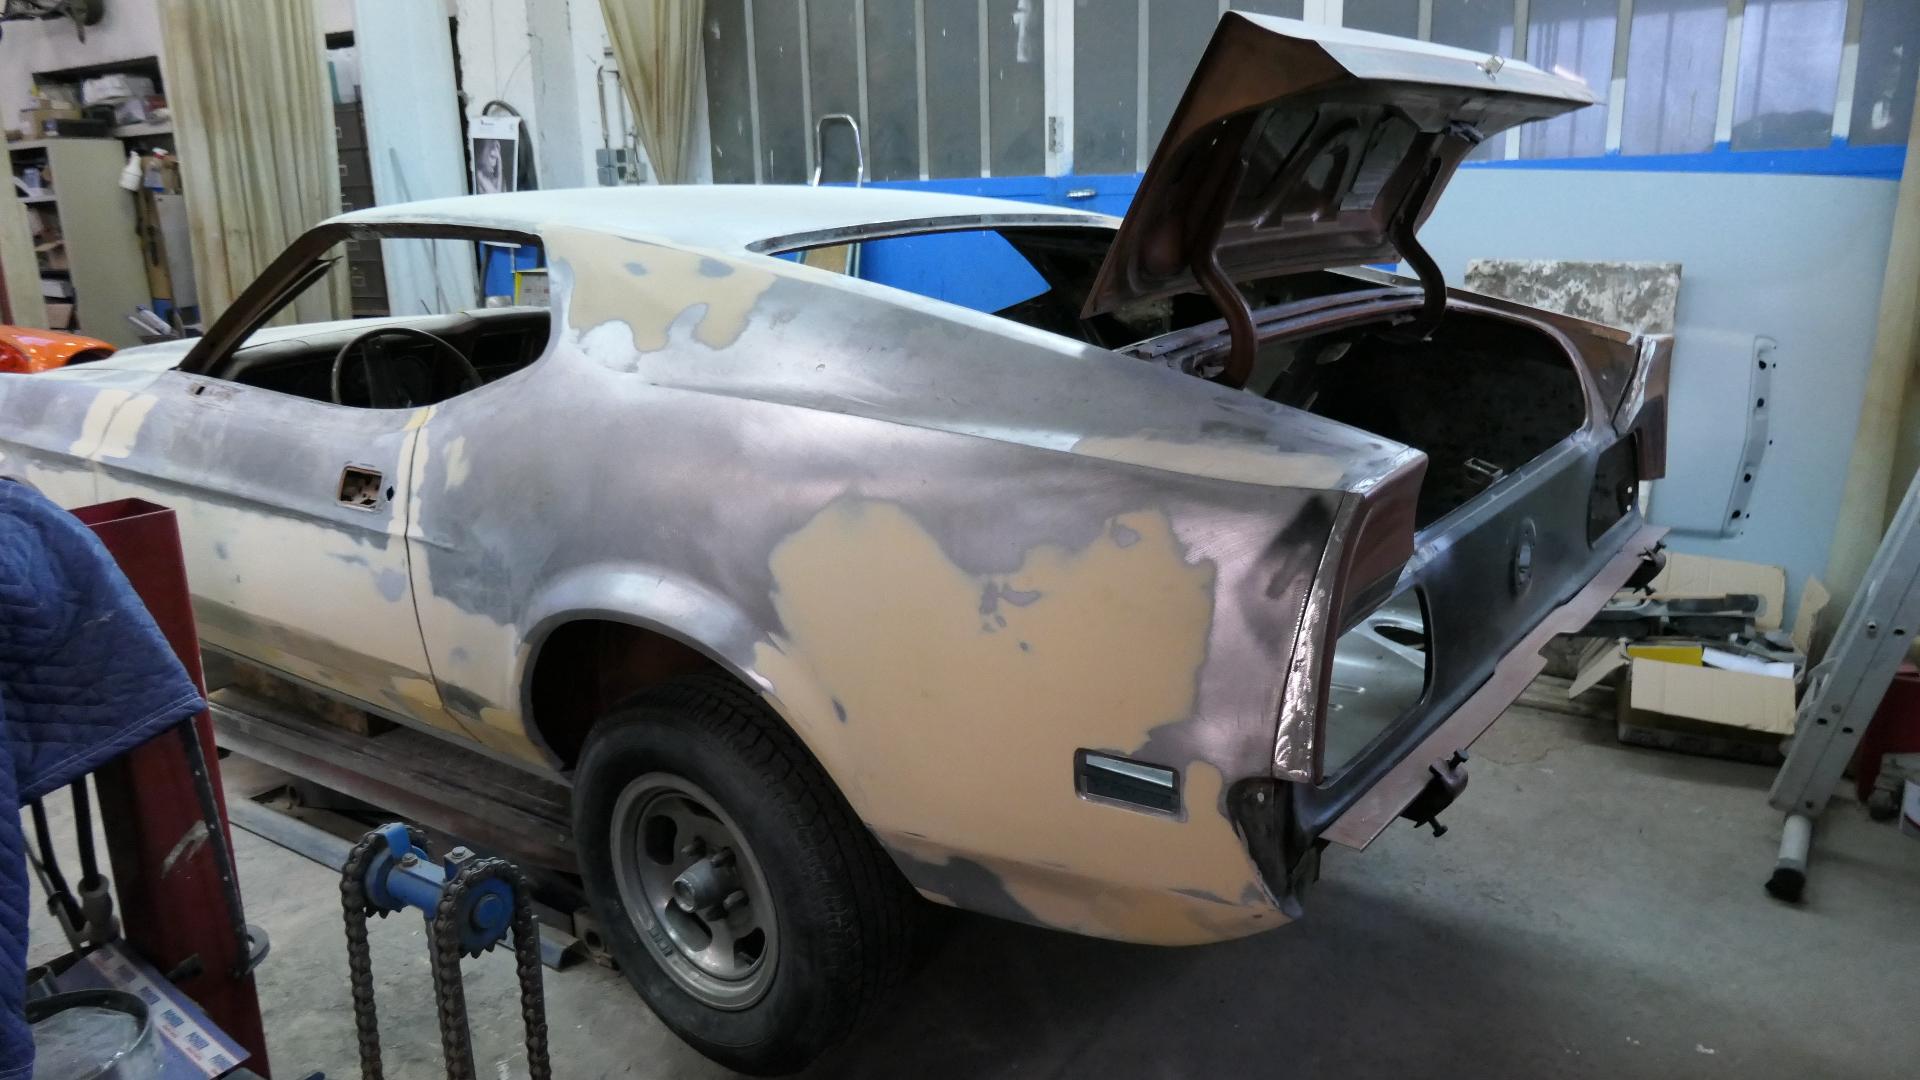 1973 Ford Mustang Mach 1 rear mid-restoration France